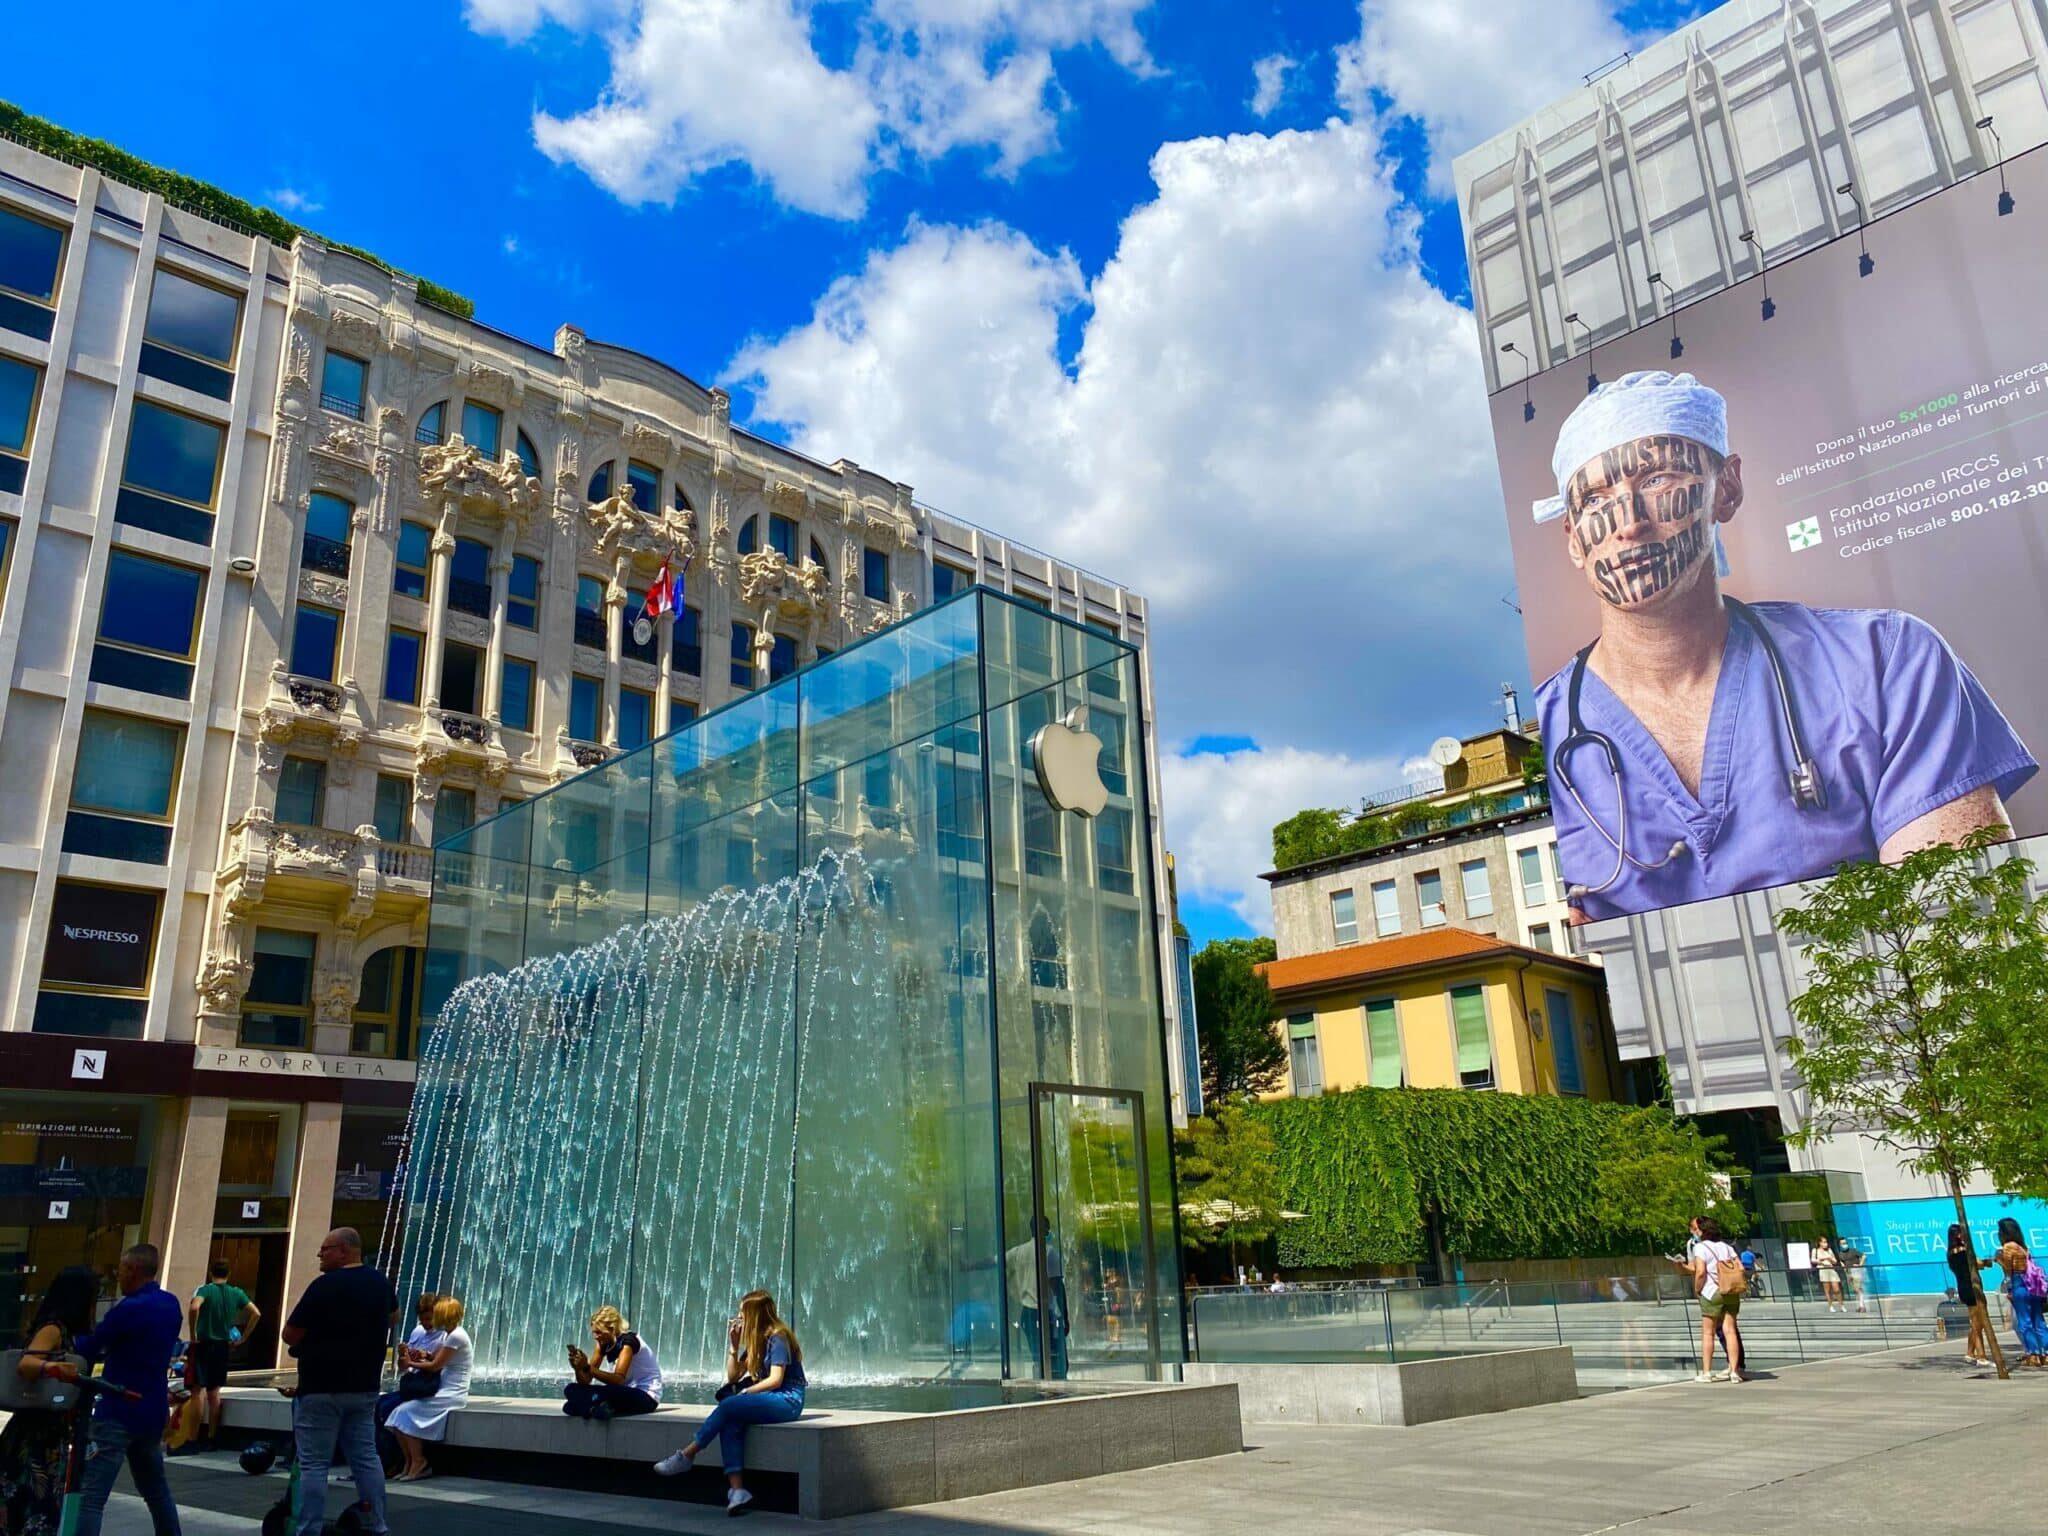 Ticino ( Swiss Italian) and Milan weekend trip July 2020